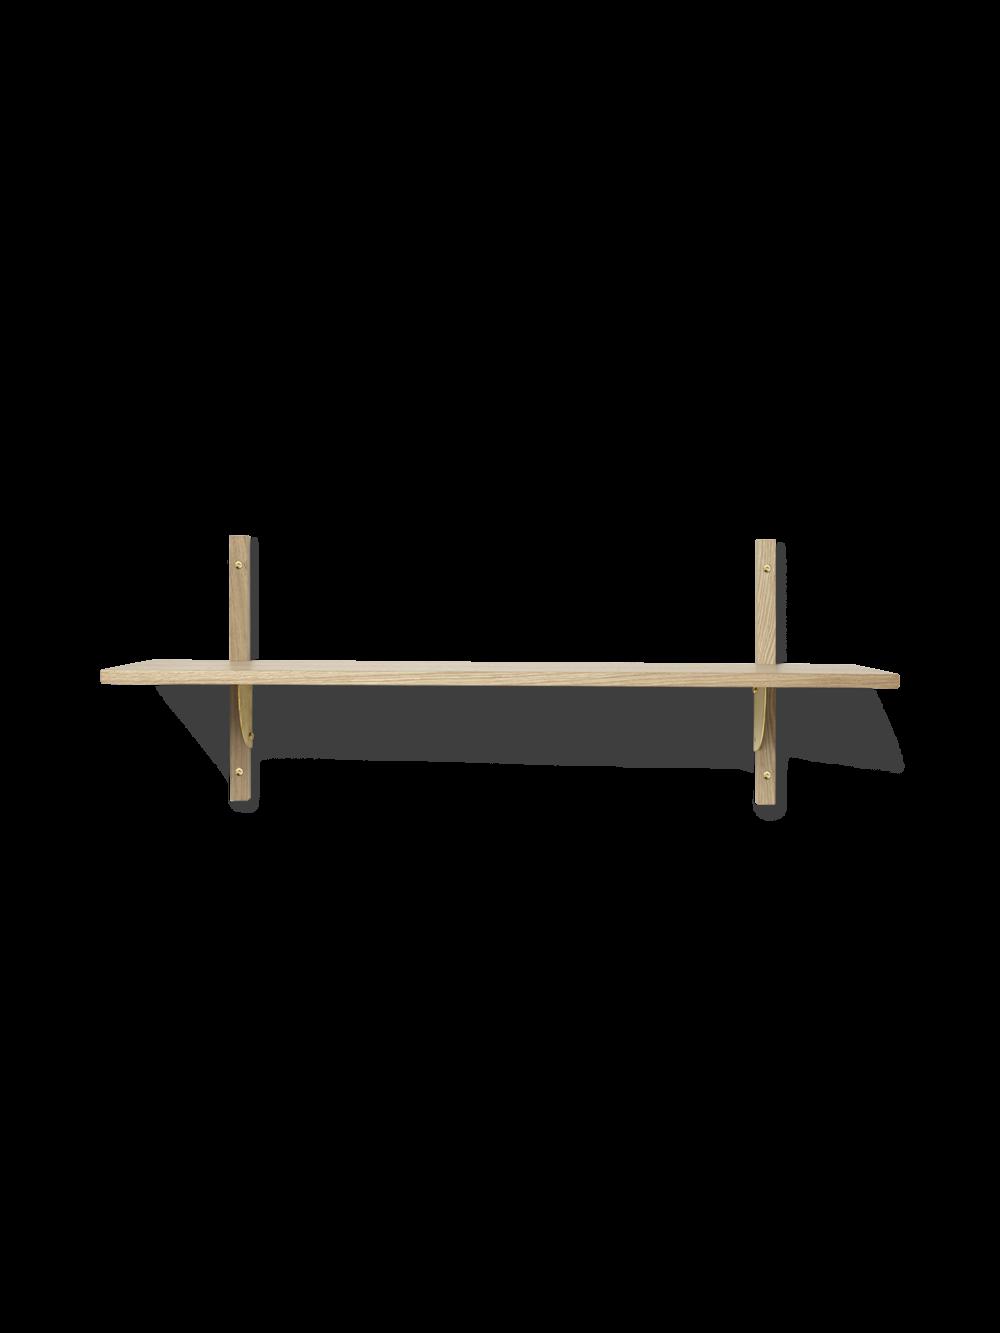 Ferm Living - Sector Shelf L/S - Natural Oak/Brass (1103432852)